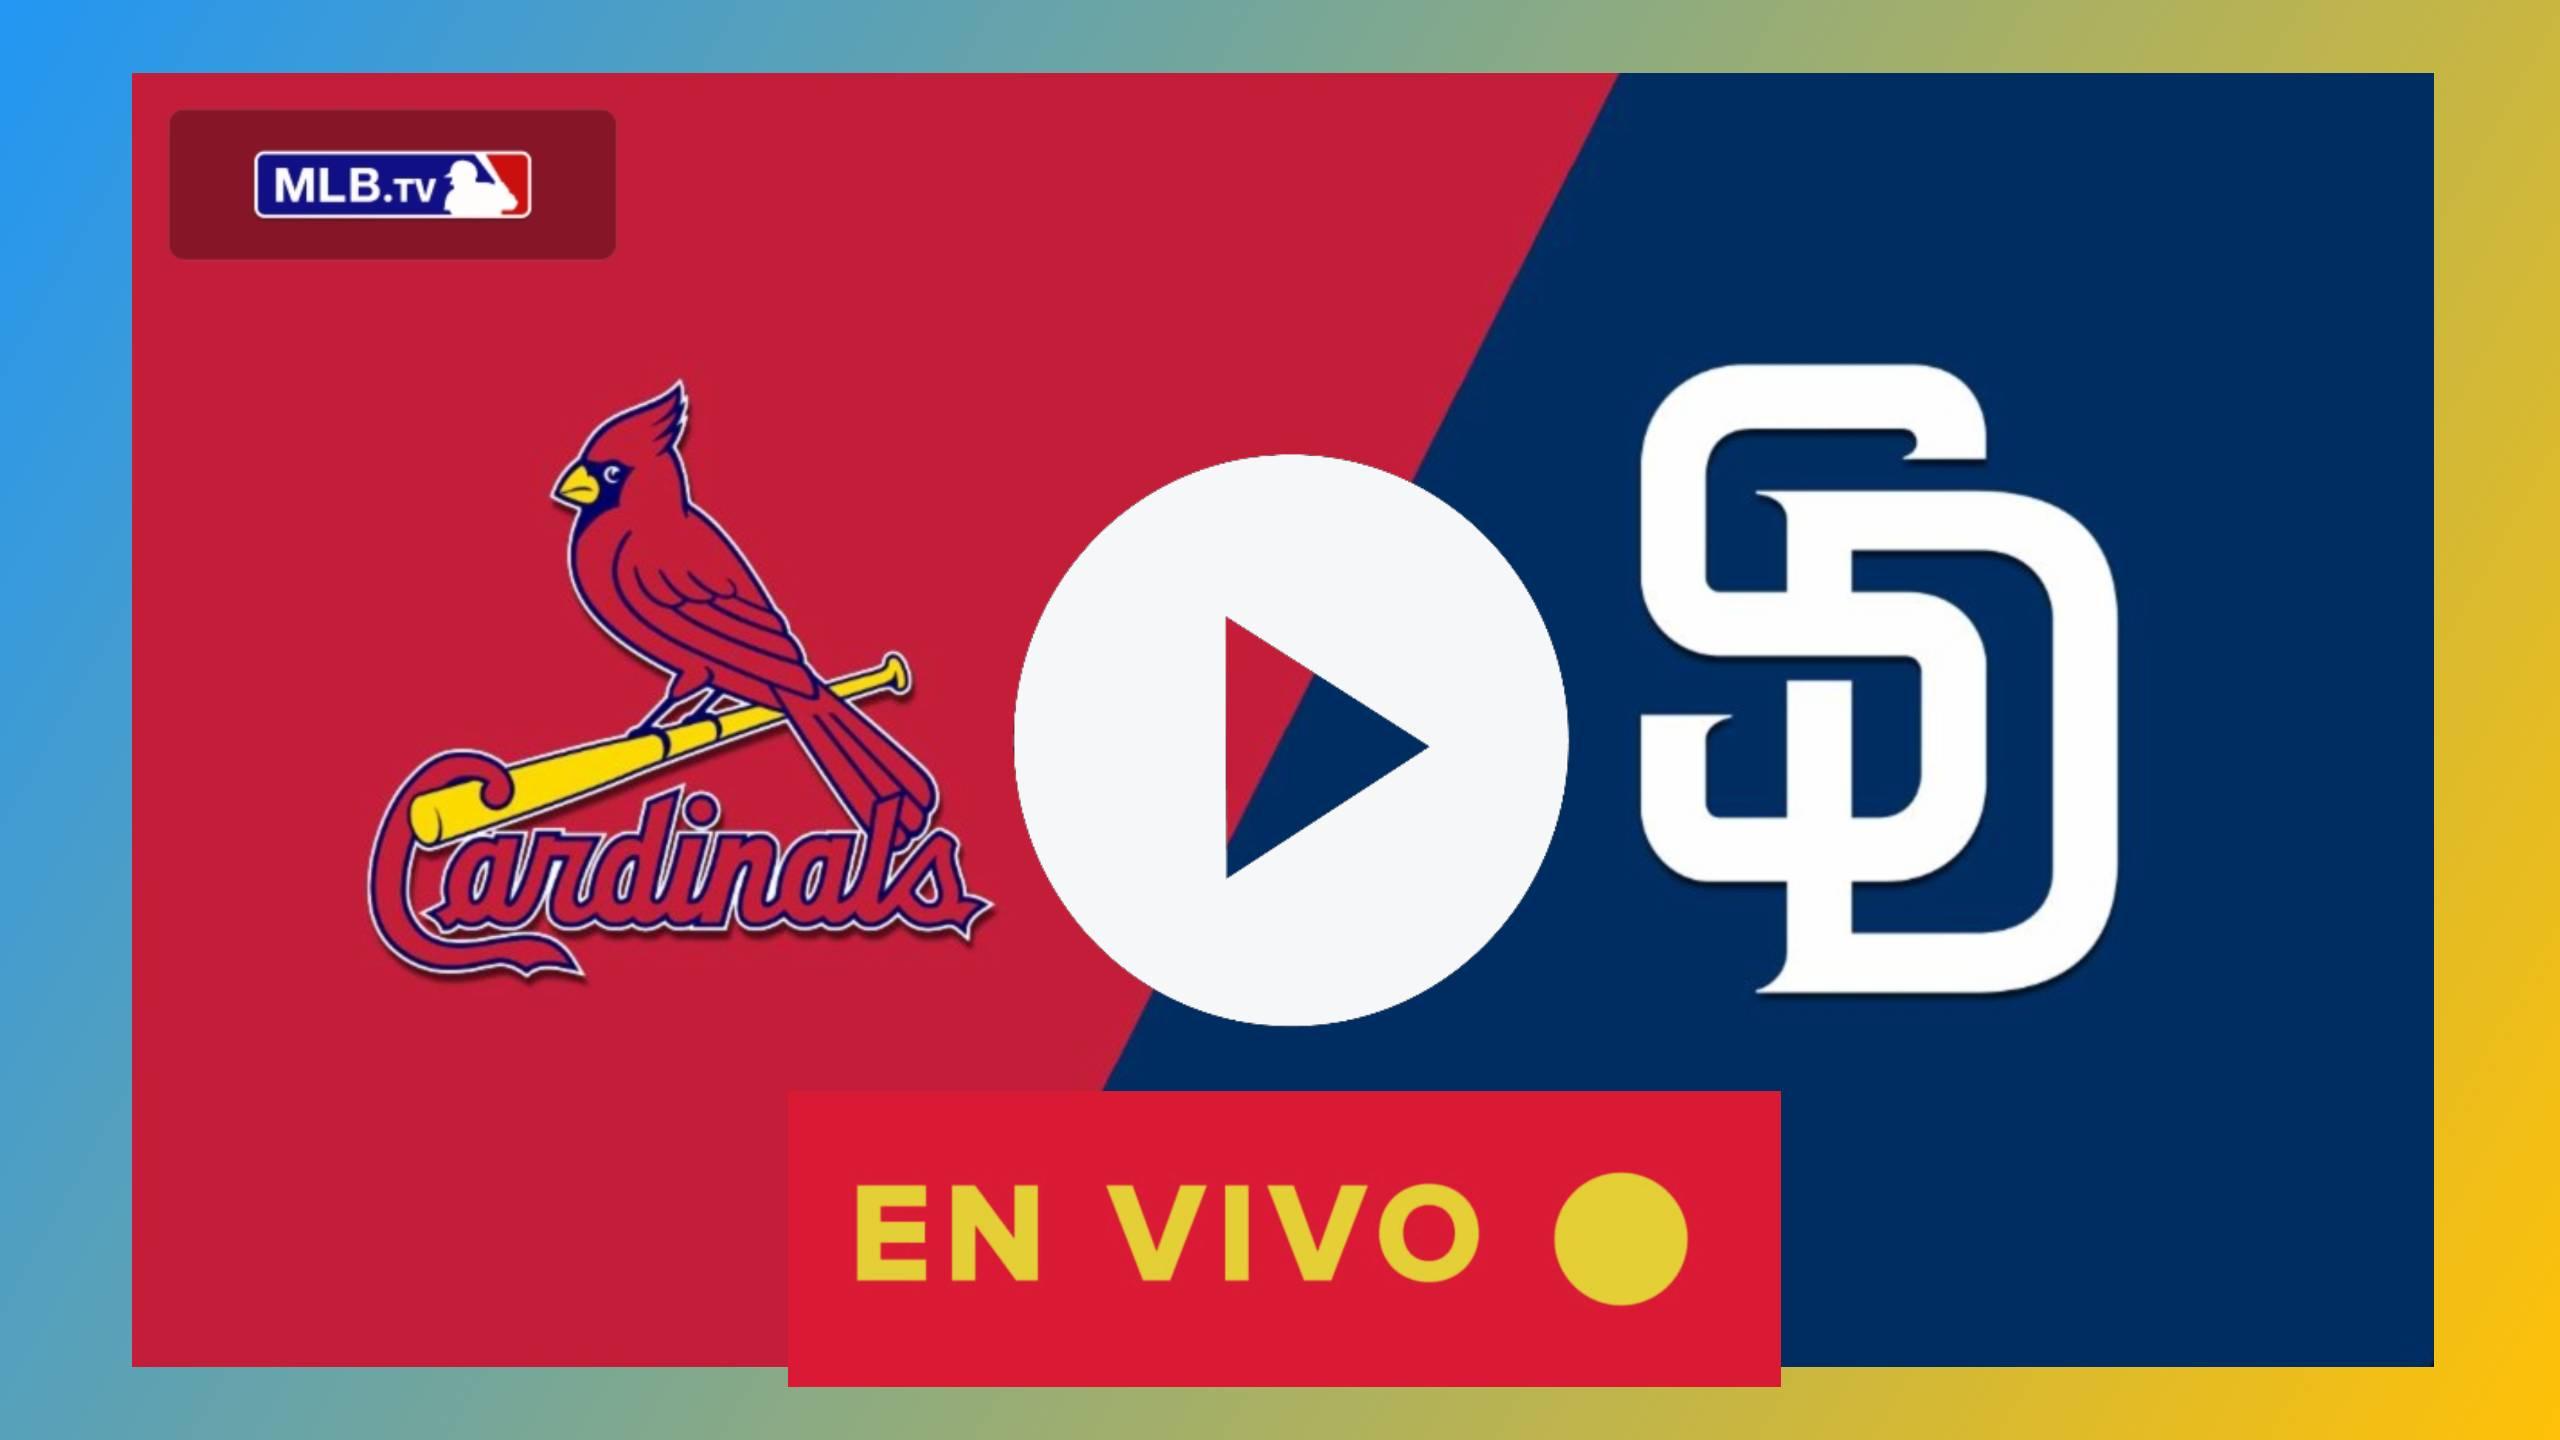 EN DIRECTO Cardinals vs. Padres ONLINE EN VIVO